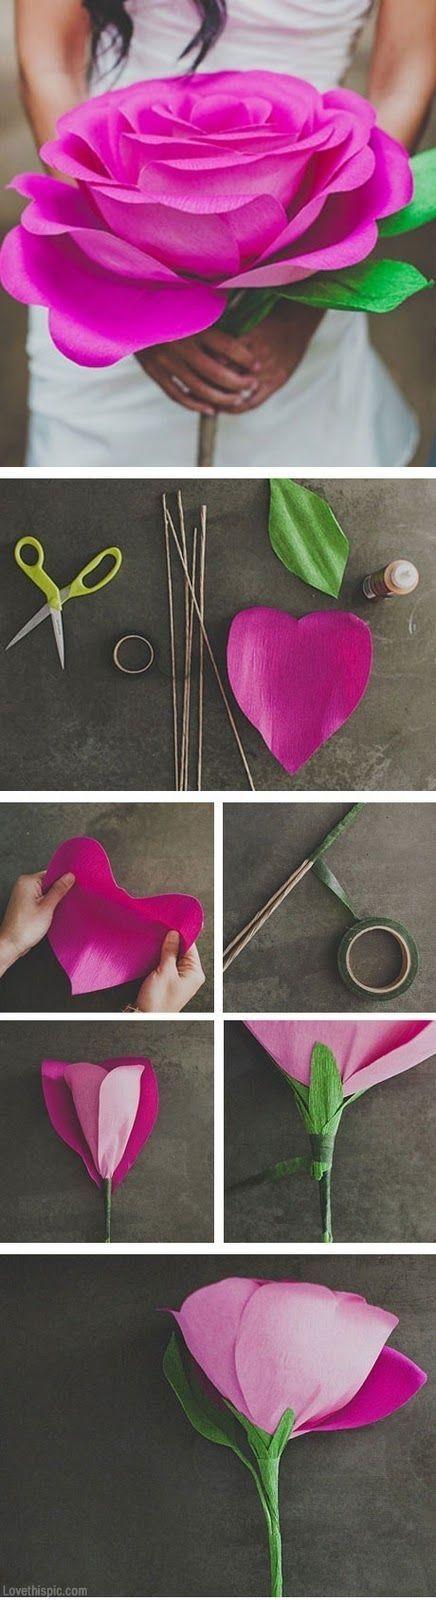 Tutoriales y DIYs: Tutorial - Rosa de papel